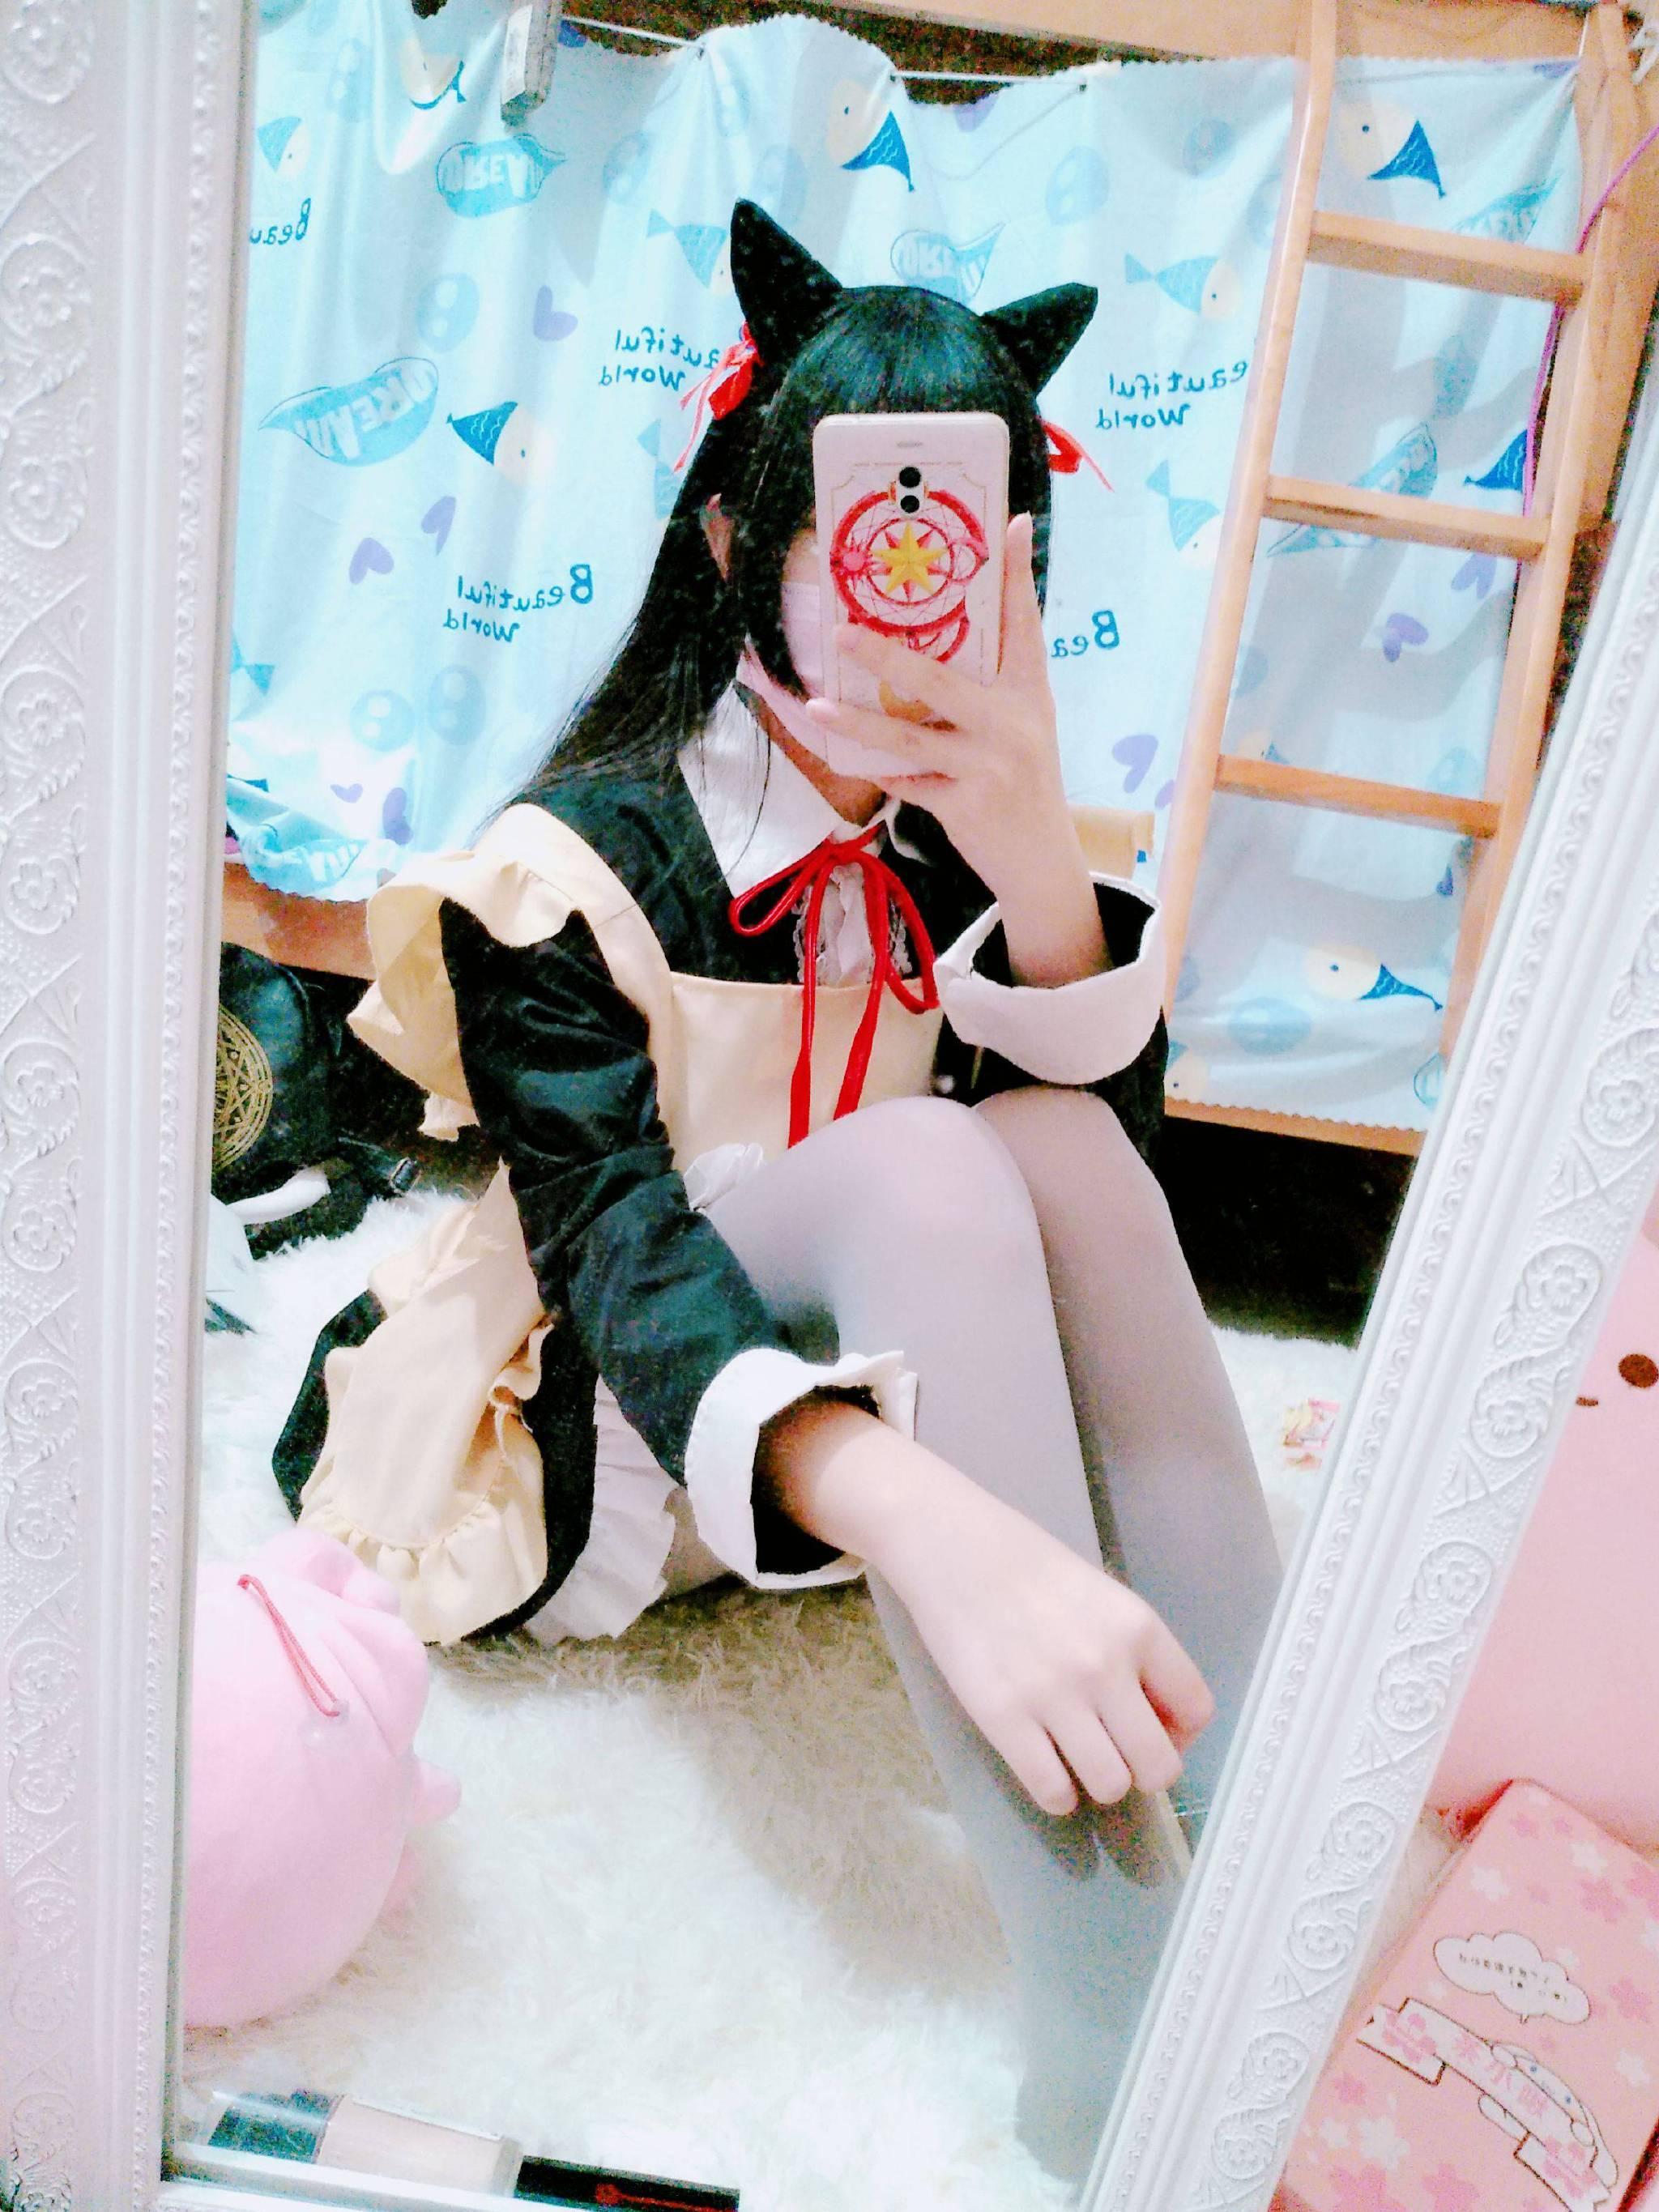 【福利姬】@00后福利姬吃货少女希希酱合集(142P)